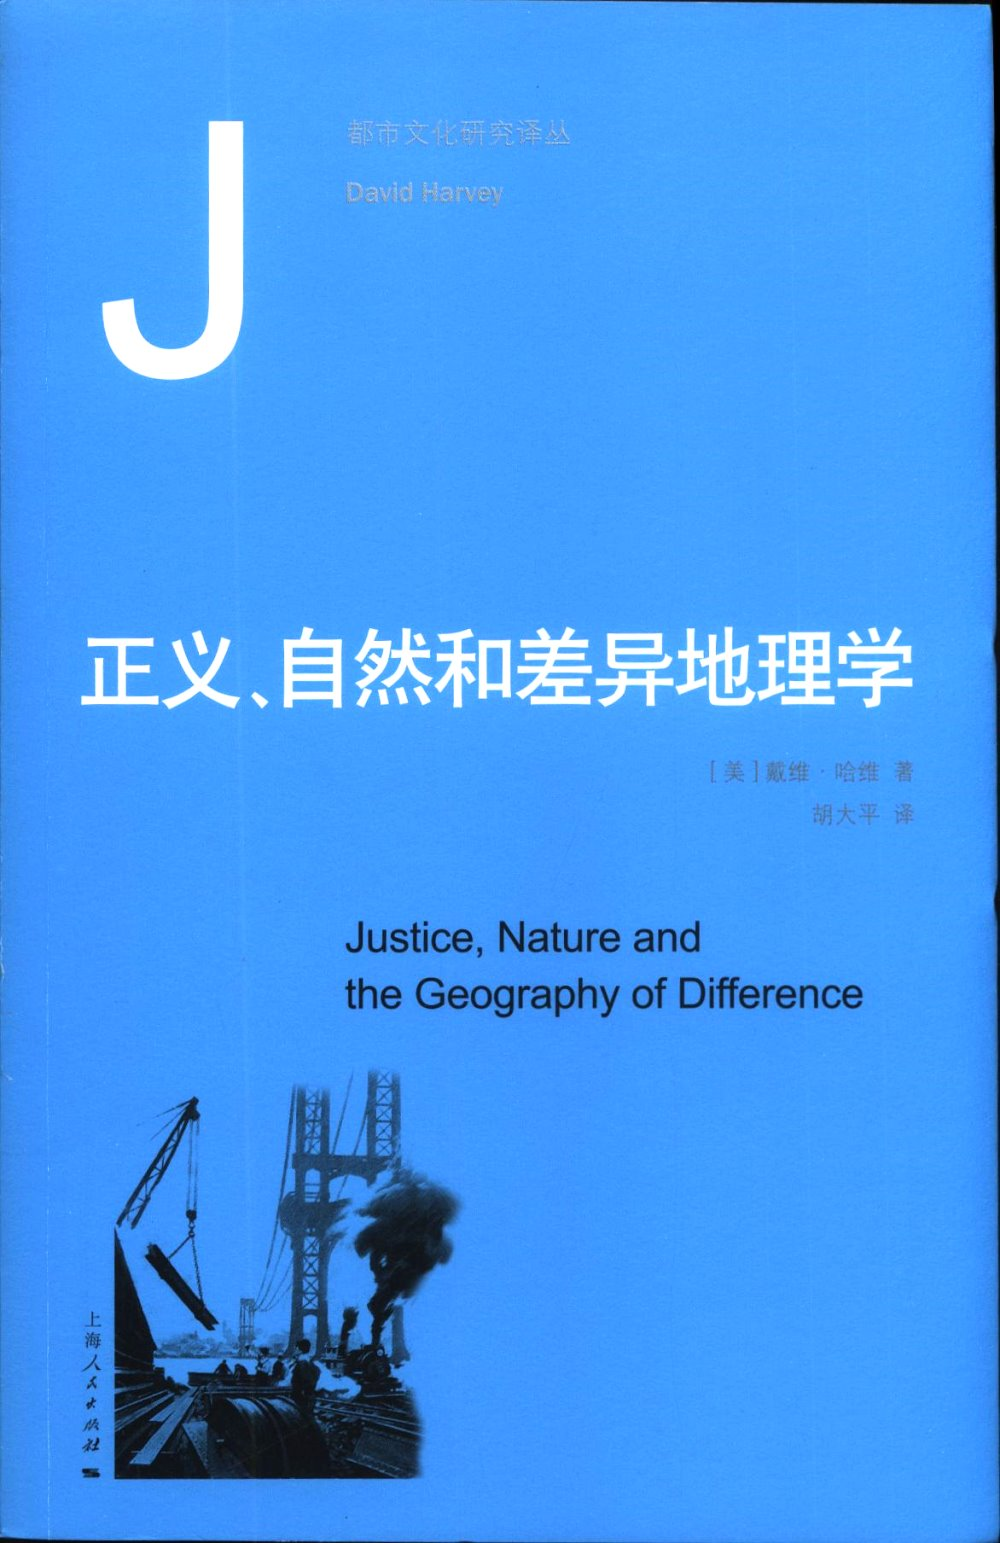 正義、自然和差異地理學